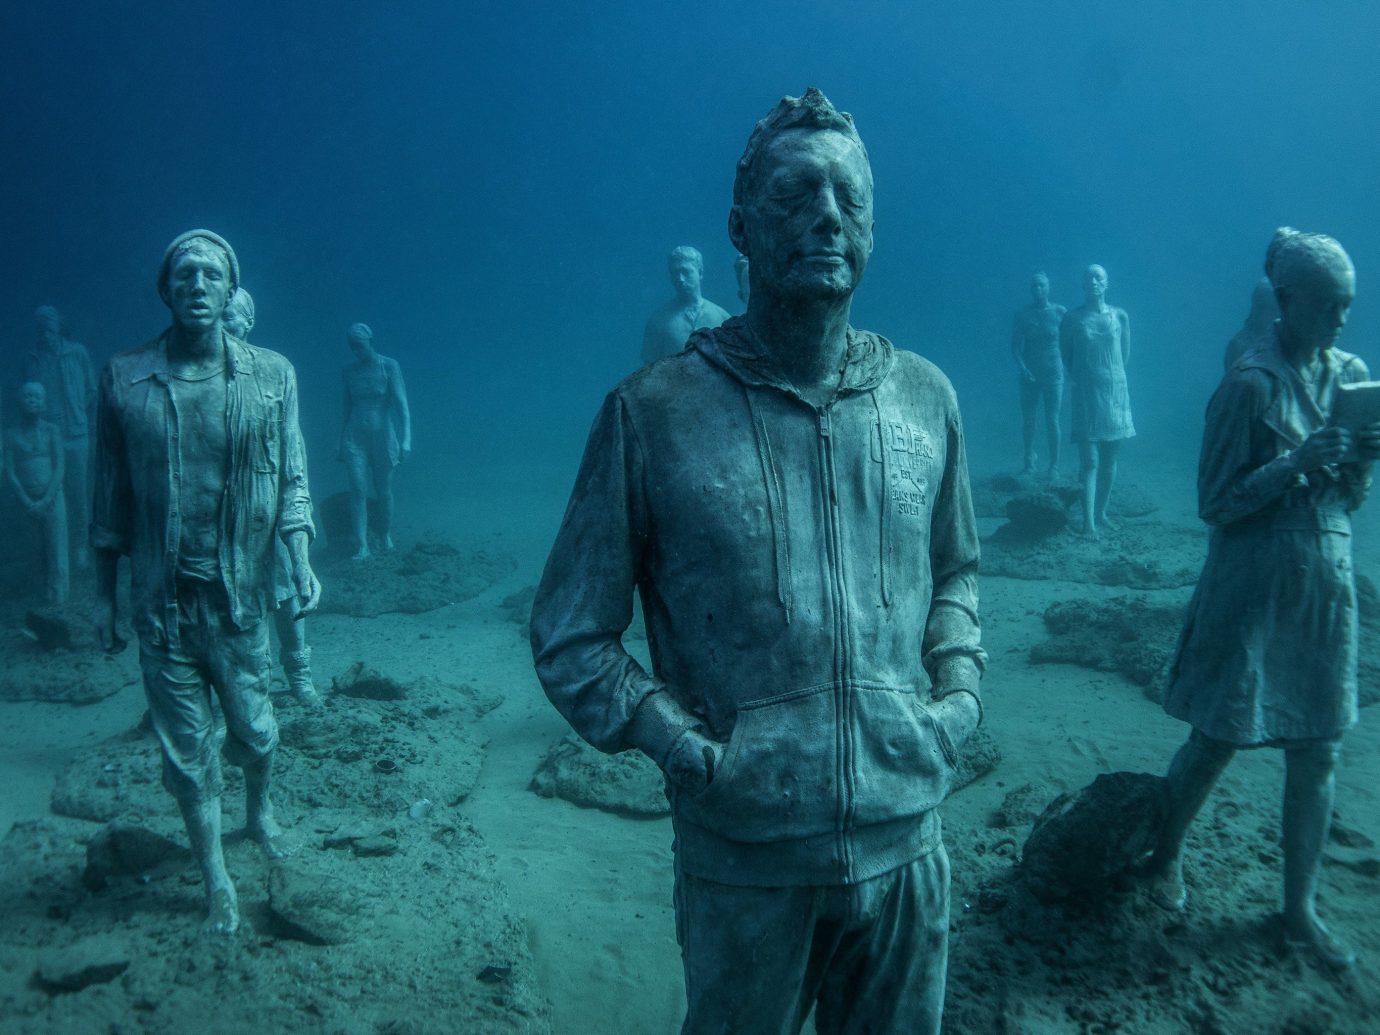 Scuba Diving + Snorkeling Trip Ideas ground man outdoor person standing underwater screenshot posing ocean floor